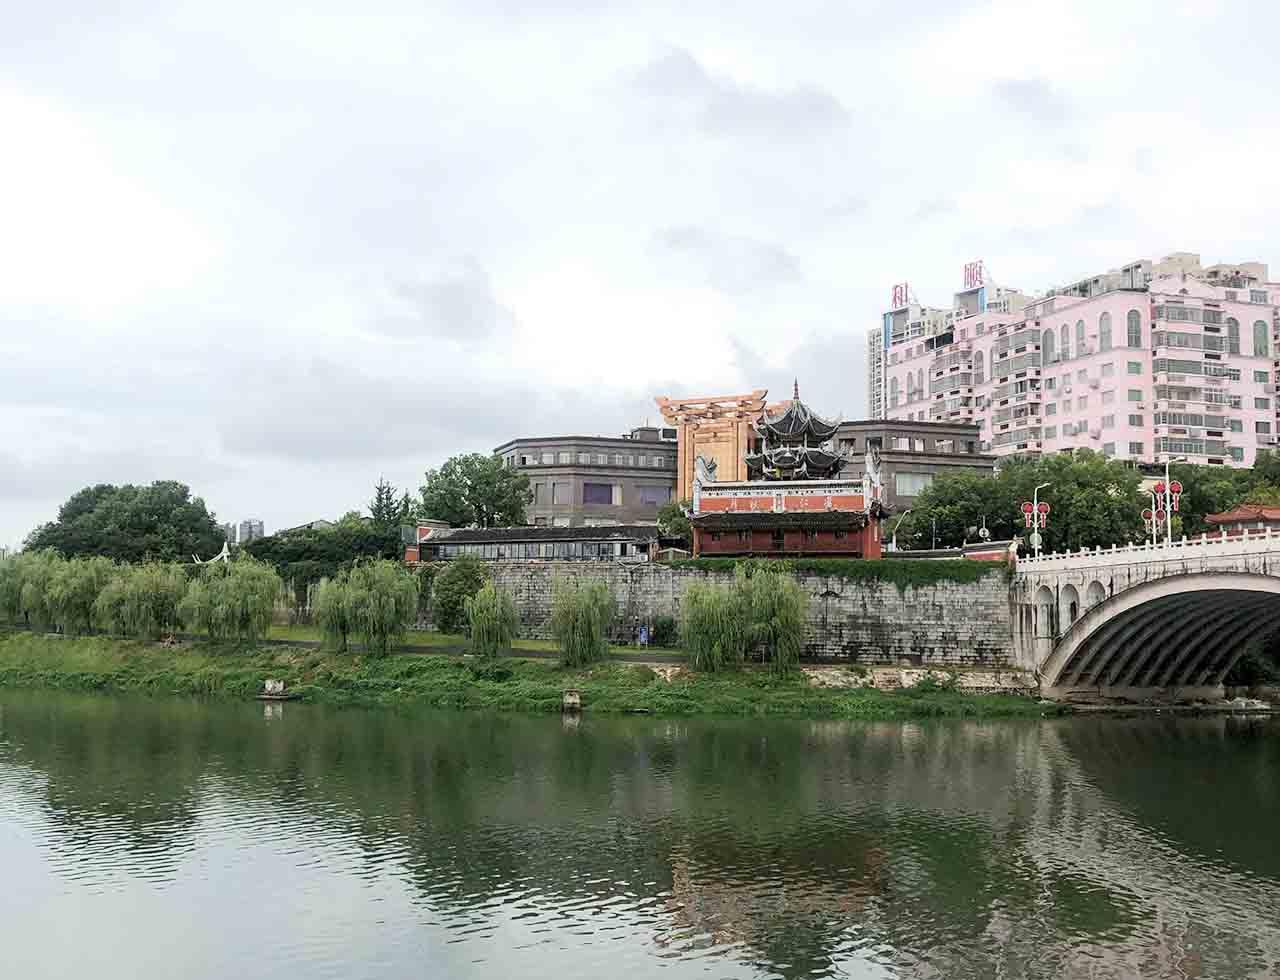 暑假回乡探亲记 第一天 衡阳南岳衡山老观音庙 邵阳北正街古城墙